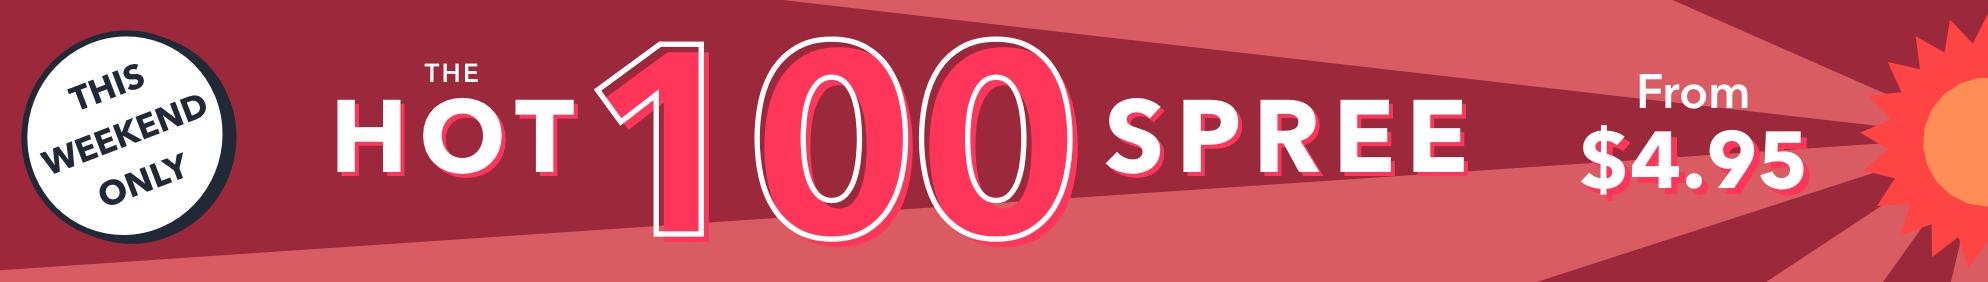 The Top 100 Sale Jun 2020